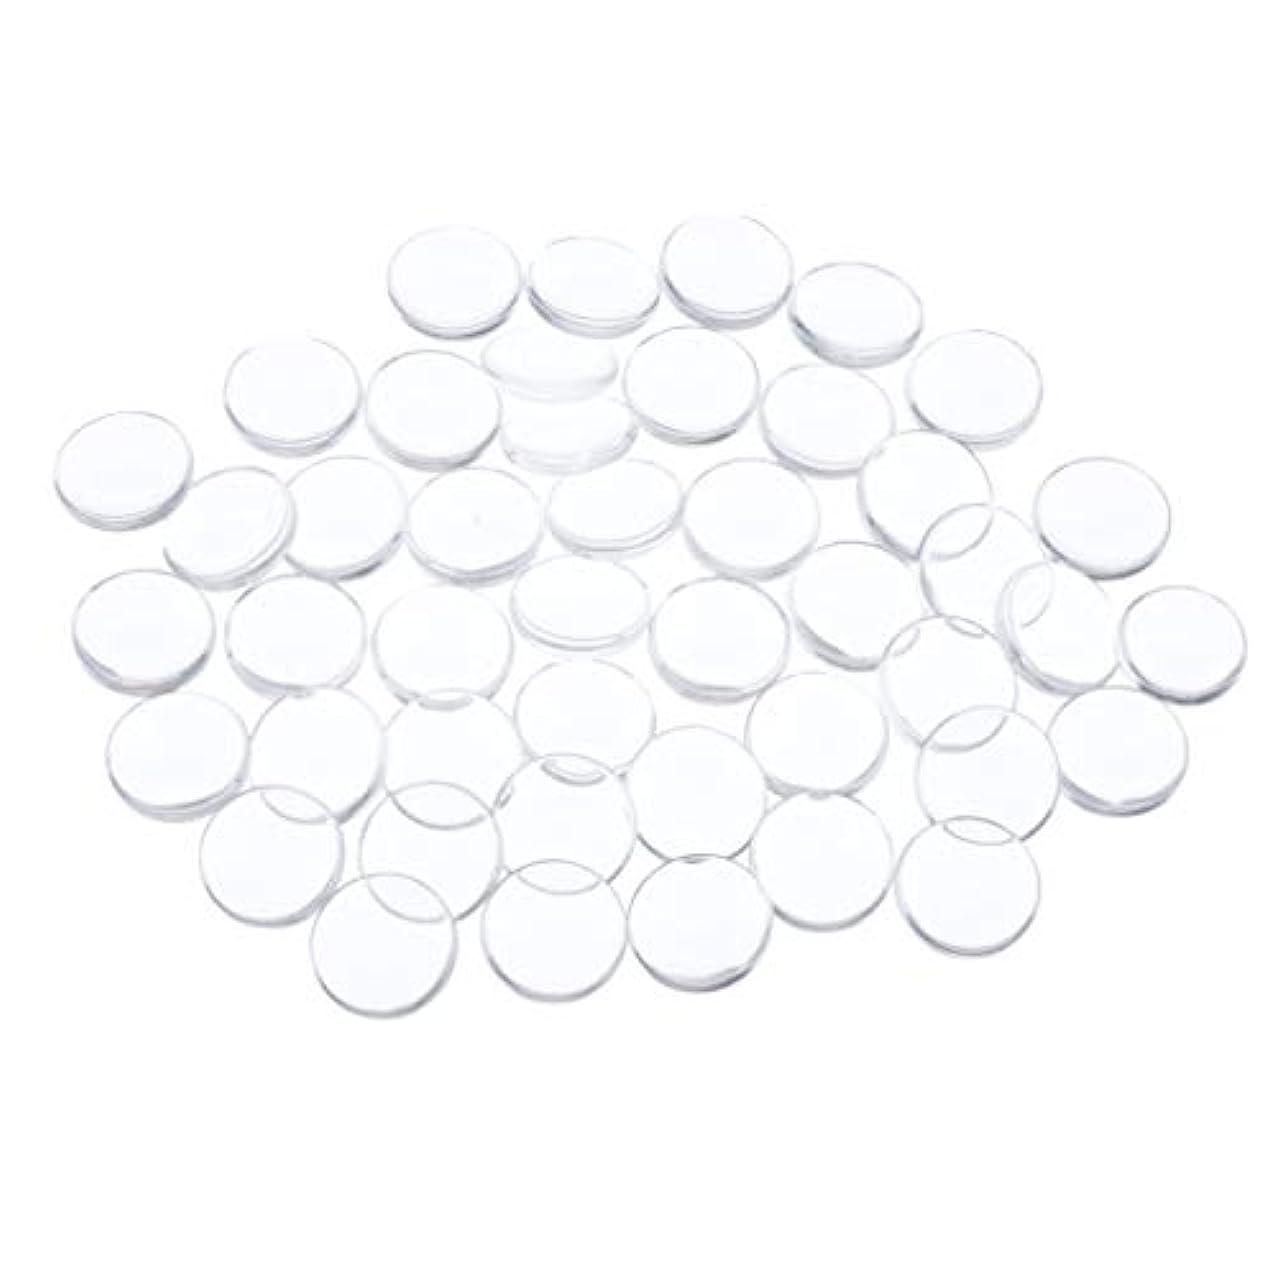 施設受け入れ五十Toygogo ネイルアート ネイルチップ クリア ネイルカラー ディスプレイ カード ネイル用品 全7種 - 円形